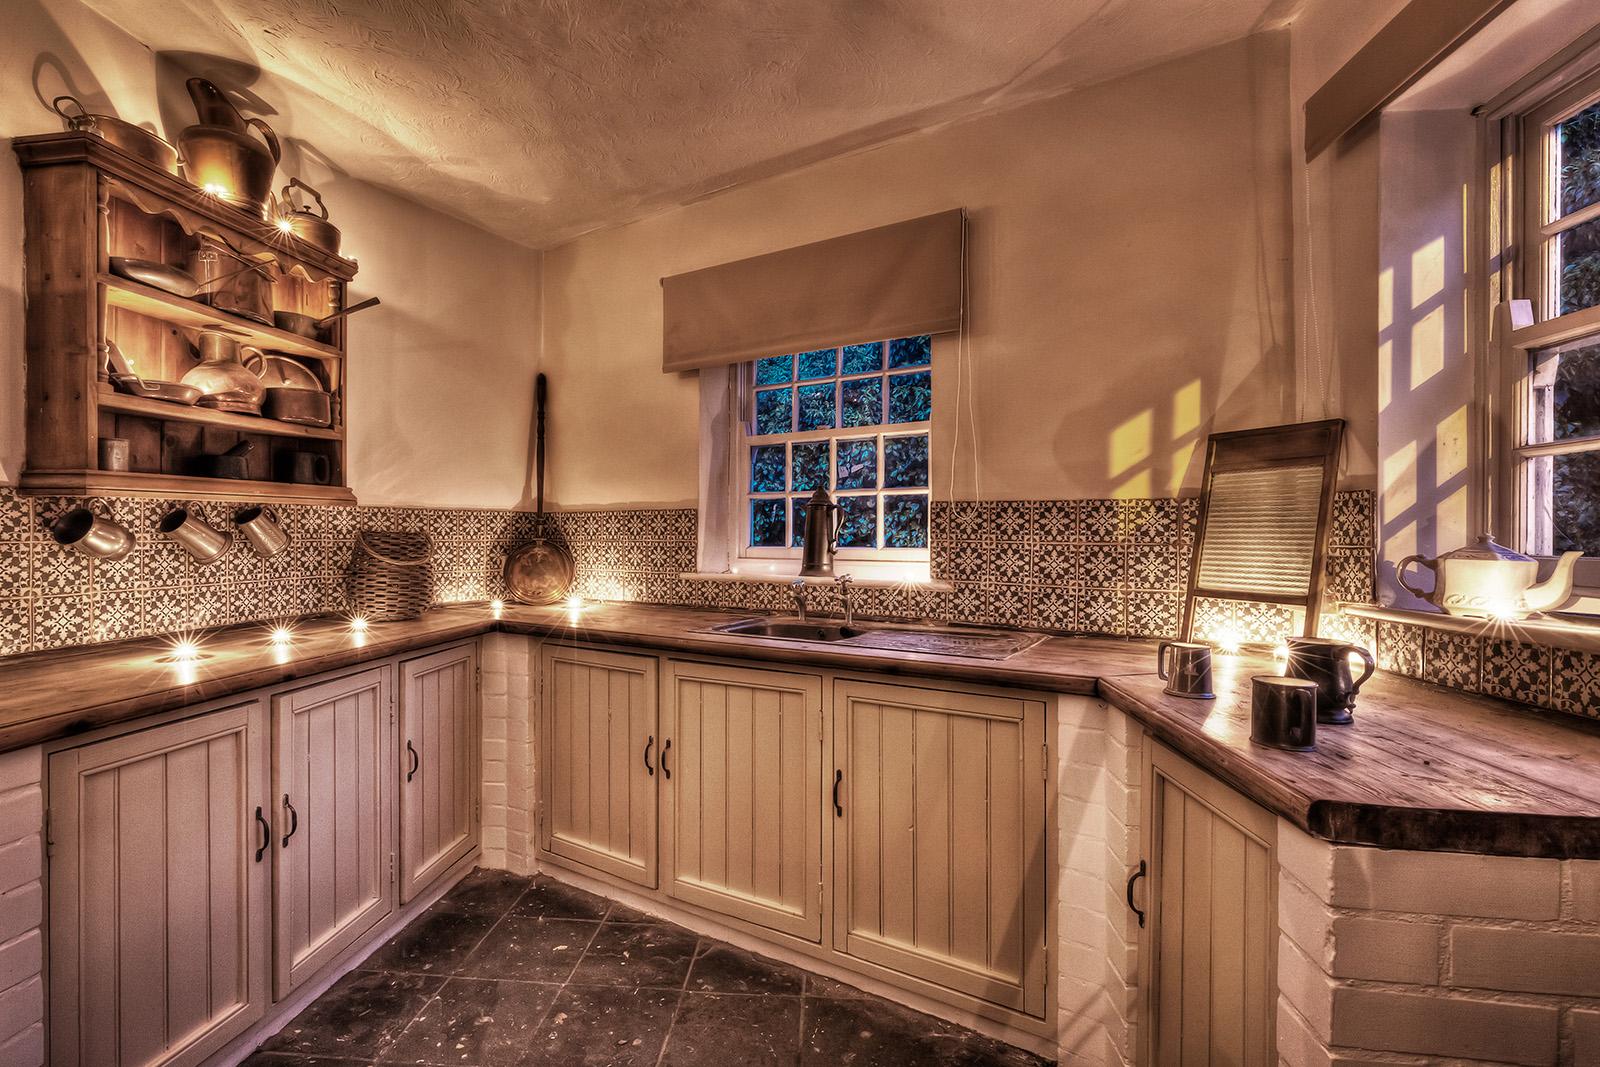 La cucina / Home Domus 360